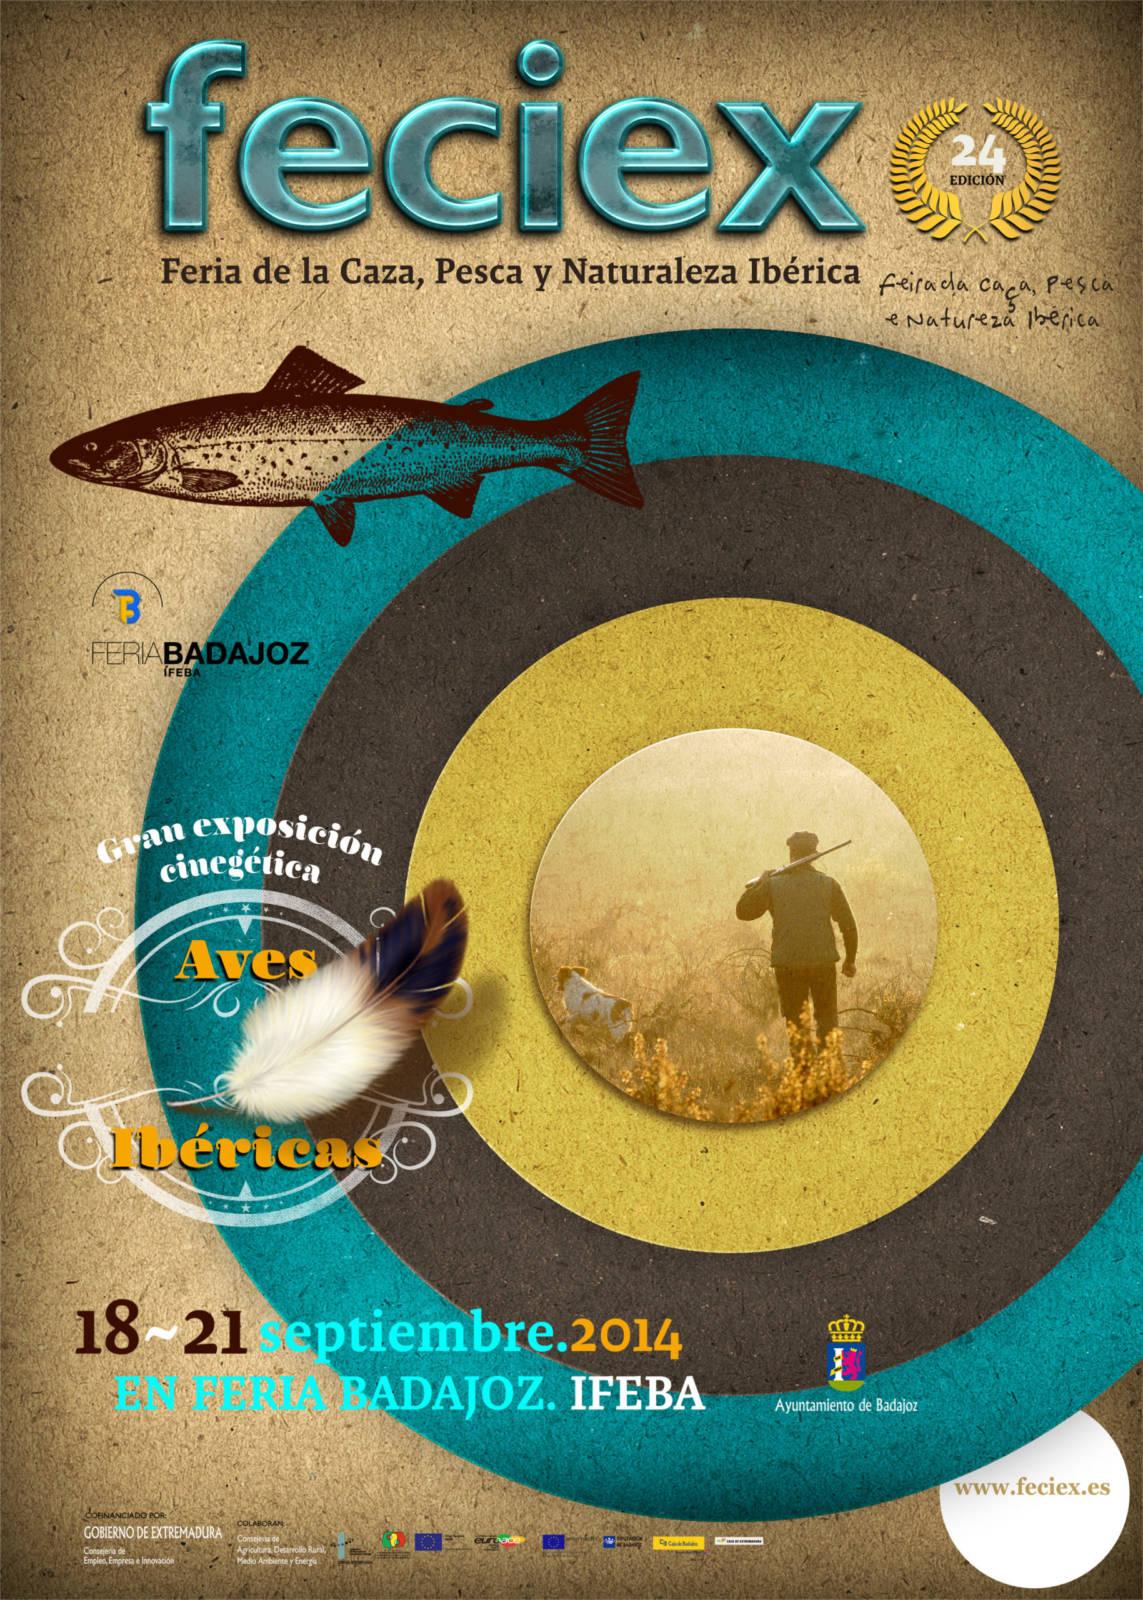 FECIEX, Feria de la Caza, Pesca y Naturaleza Ibérica 2014, celebrará su vigésimo cuarta edición del 18 al 21 de septiembre